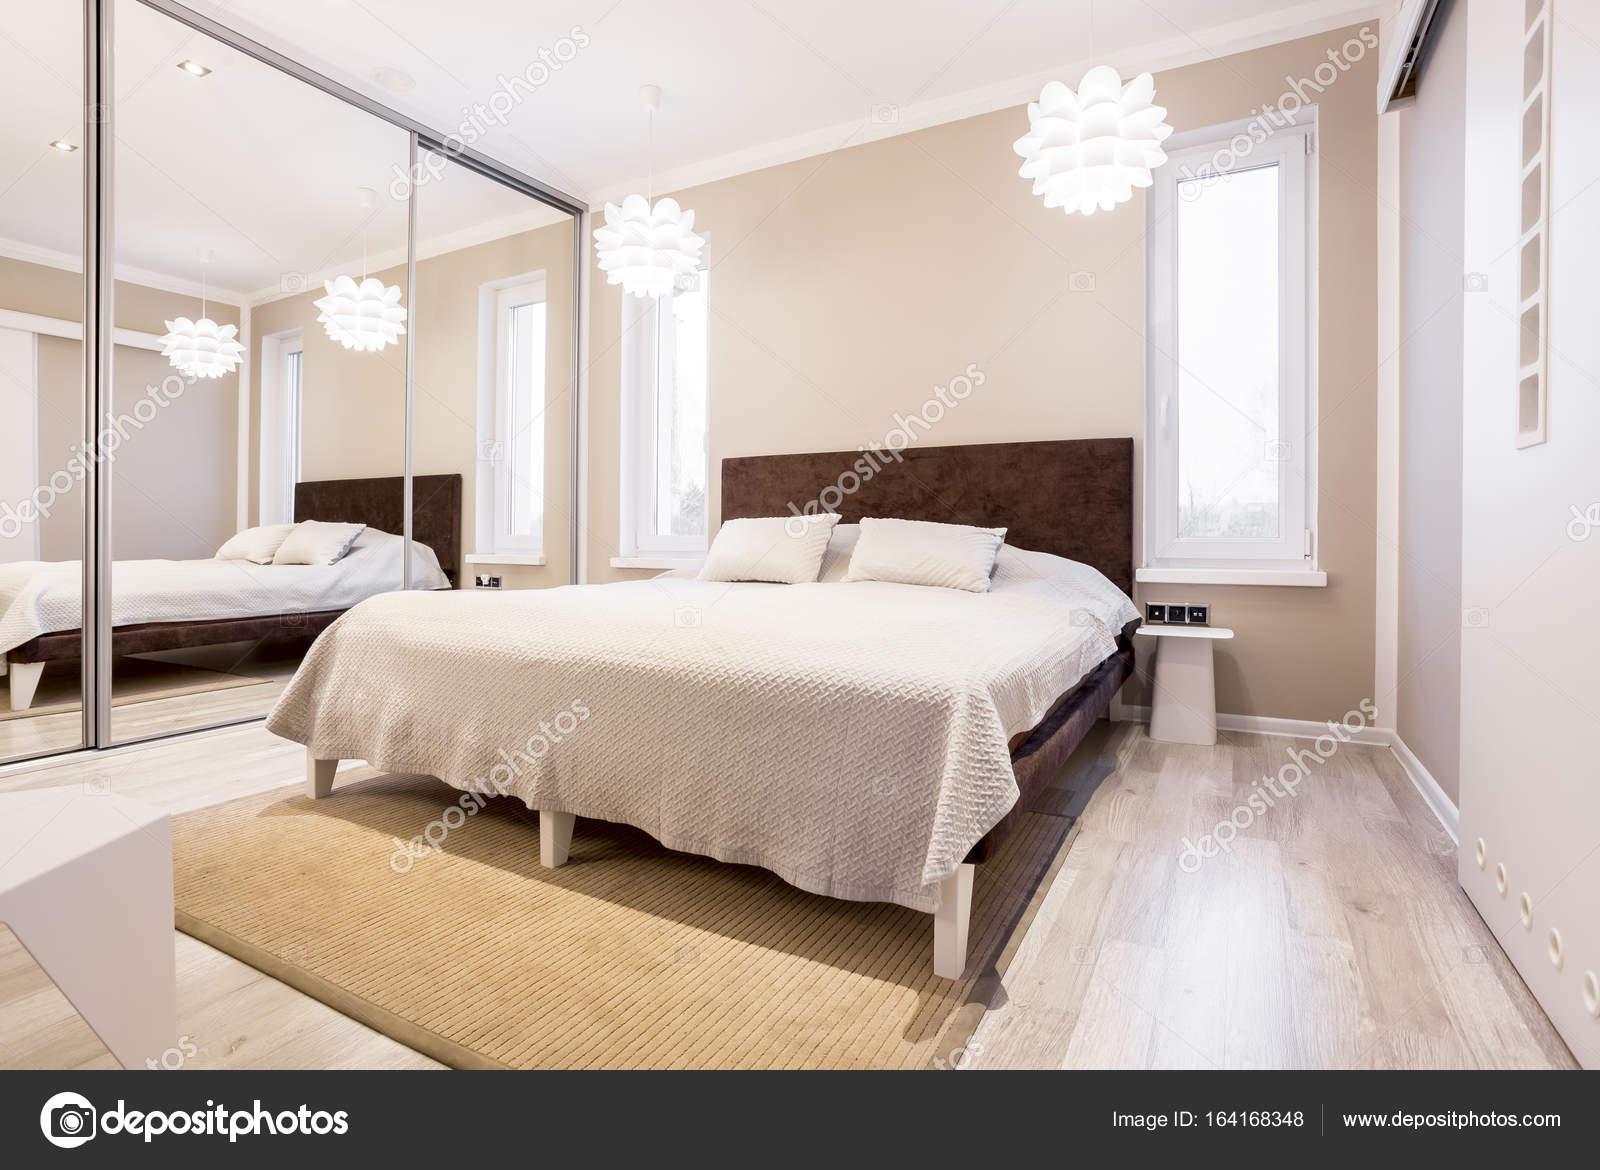 Beige slaapkamer met spiegel kleerkast — Stockfoto © photographee.eu ...